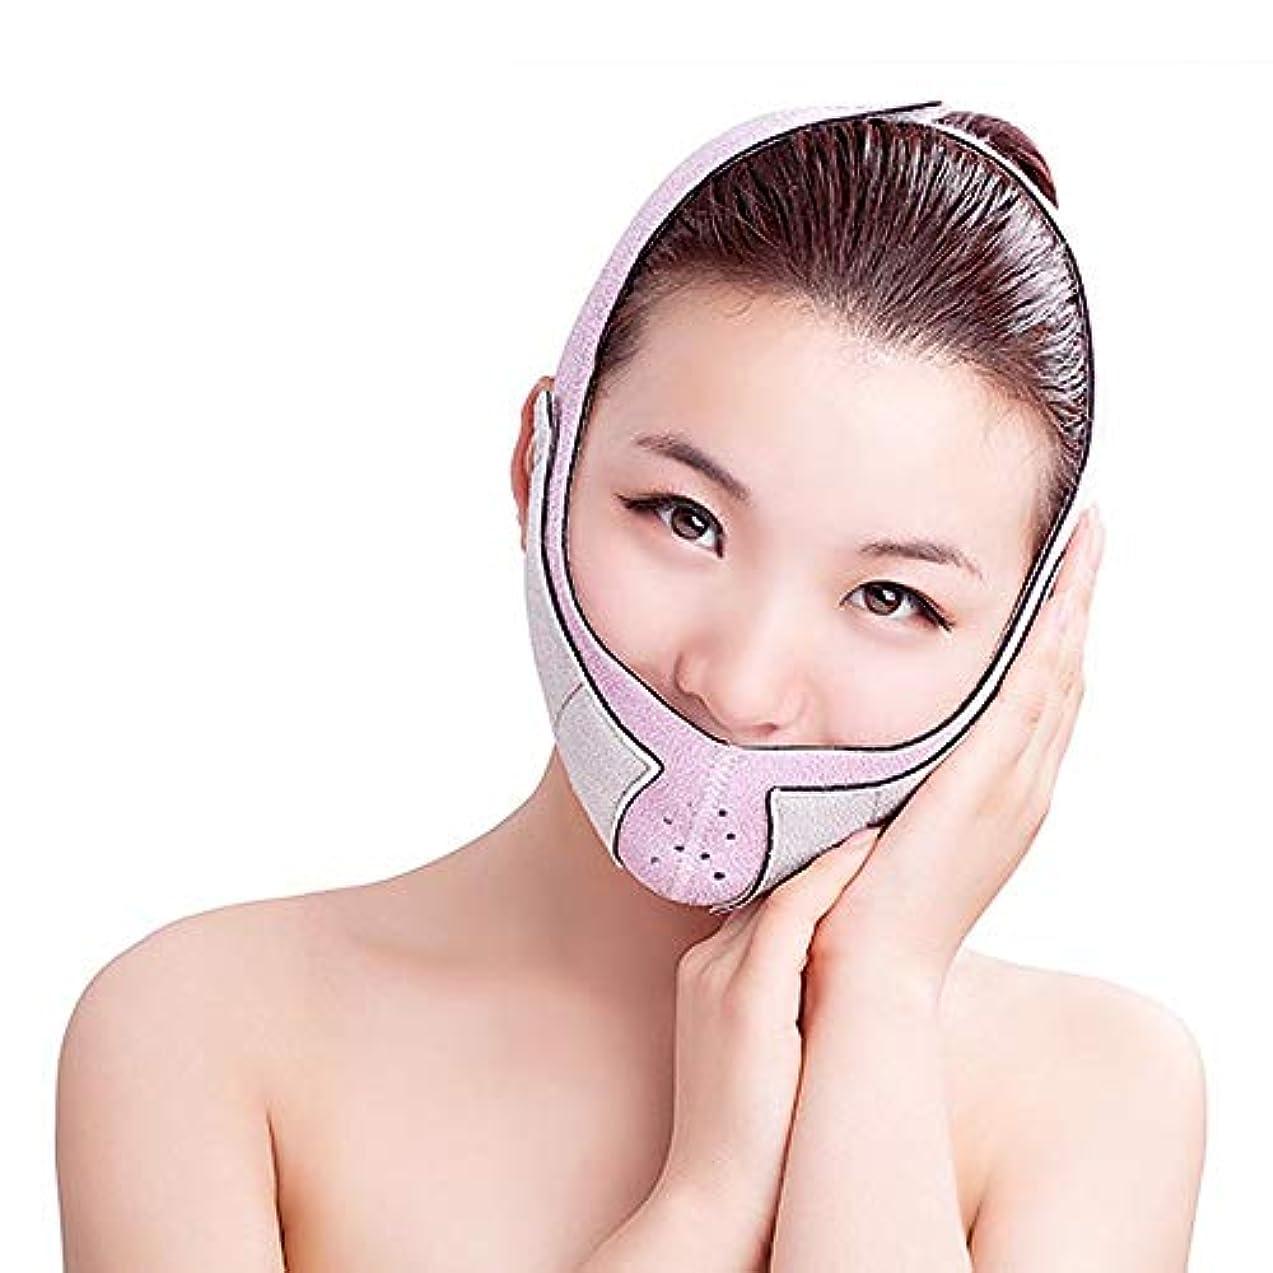 恩恵形眉薄い顔のベルト - 薄い顔のベルト通気性の補正3D薄い顔のV顔のベルトの包帯薄い顔のアーティファクト (色 : B)